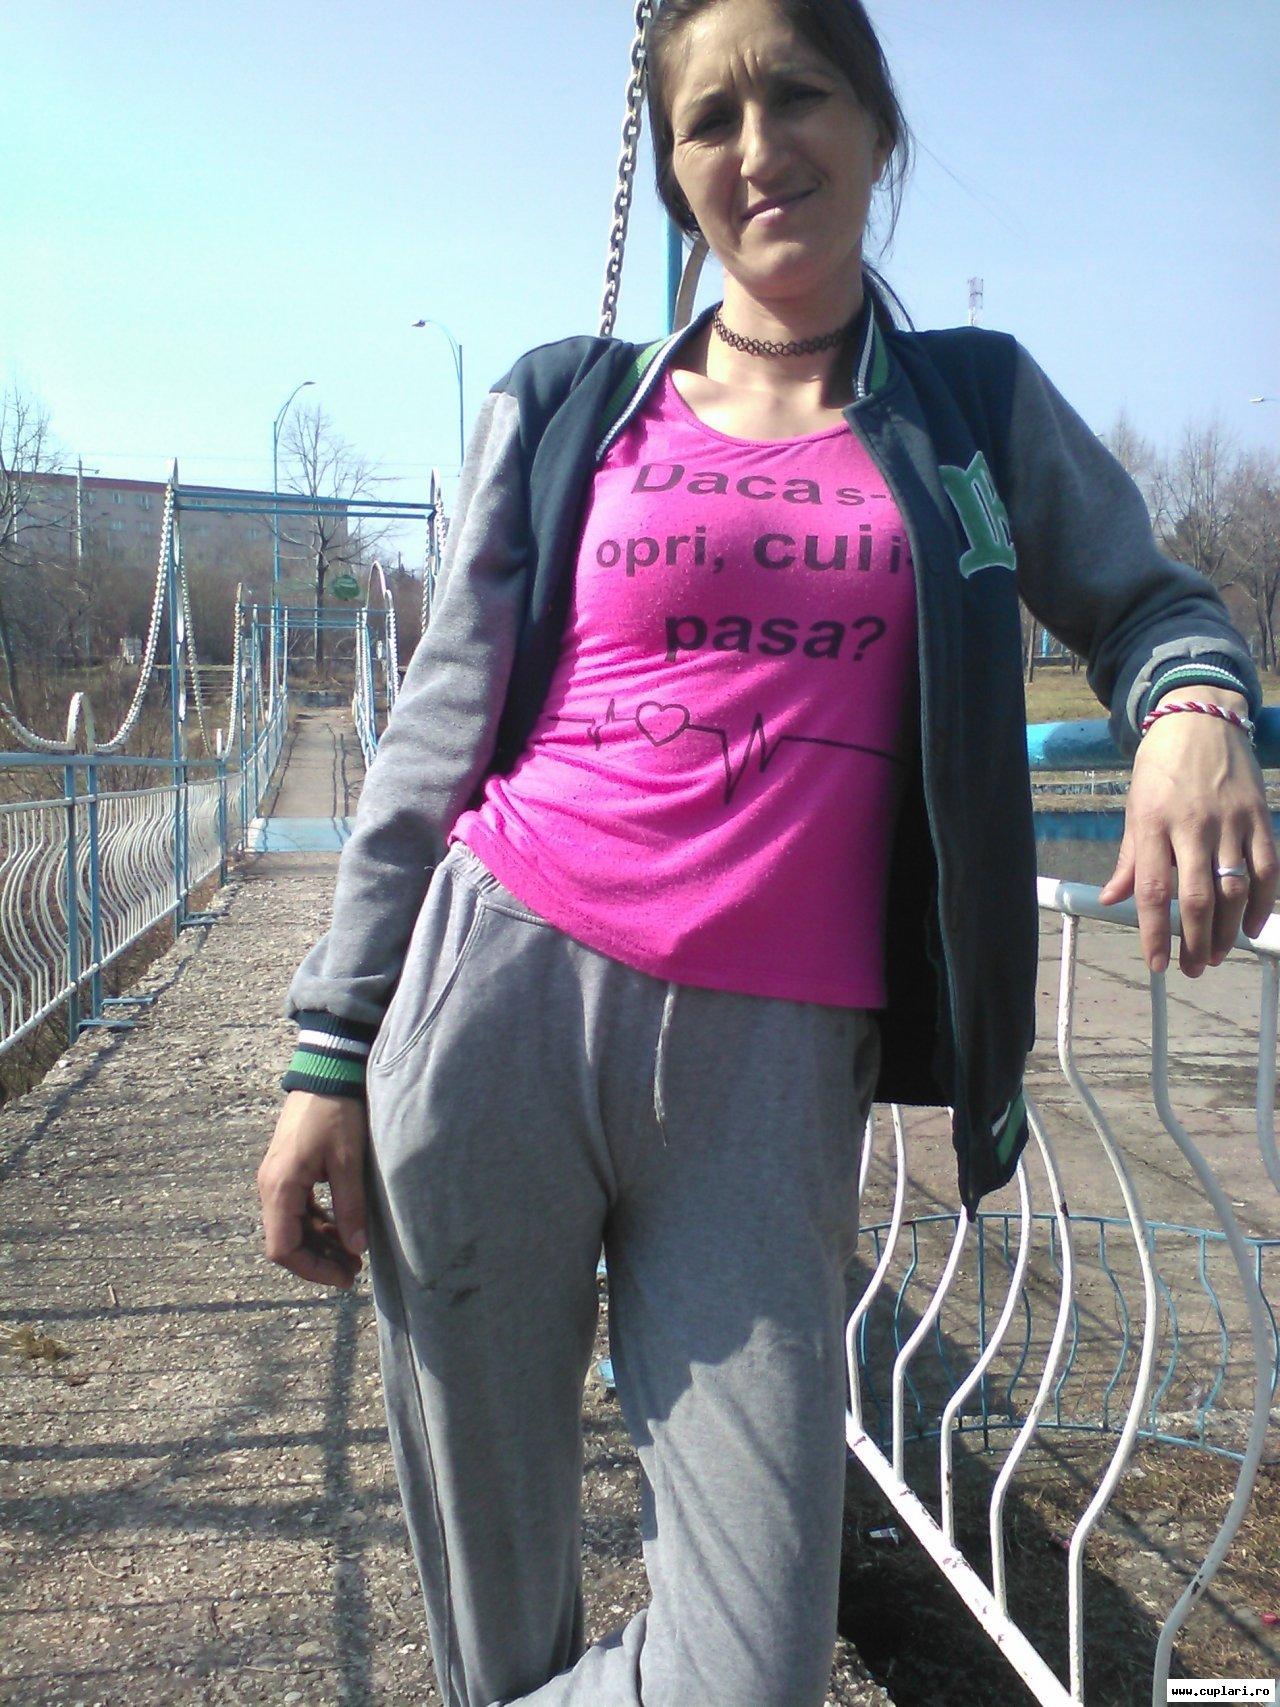 caut femeie pentru casatorie cu numar de telefon caut femei pe bani turceni chat online turceni